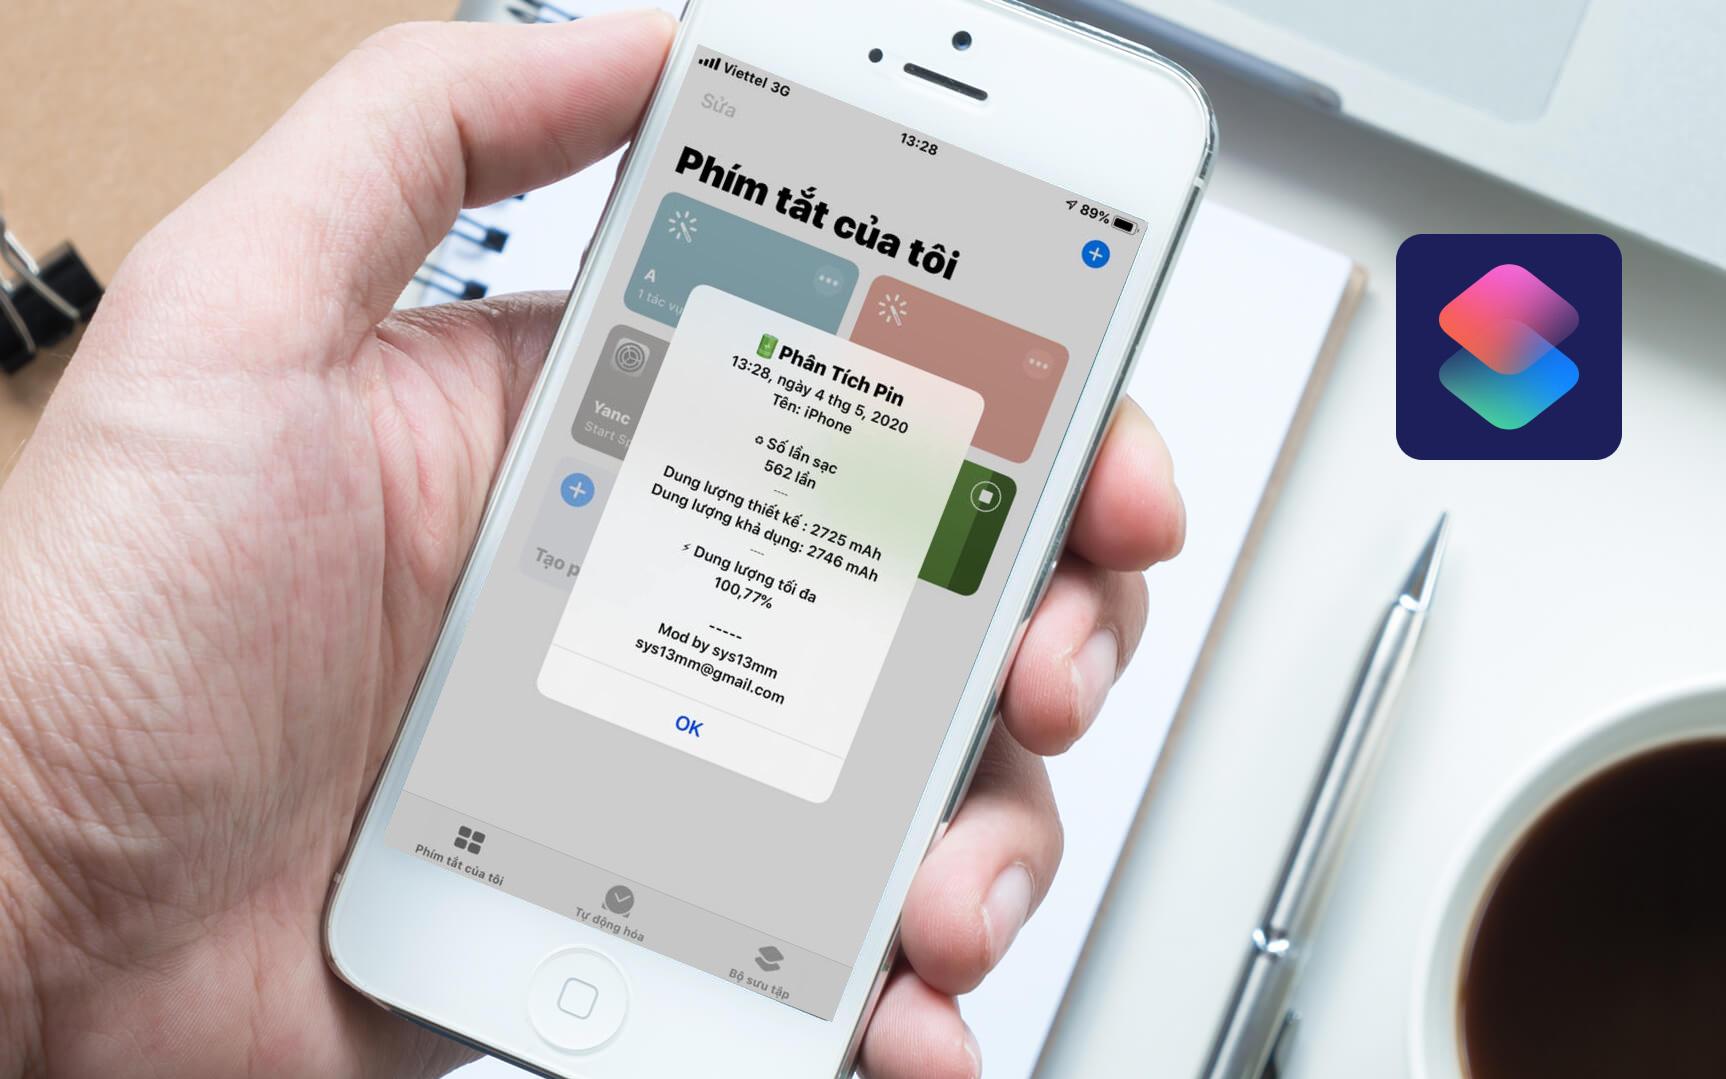 Mẹo hay để xem số lần sạc pin iPhone cực nhanh, bấm phát biết luôn